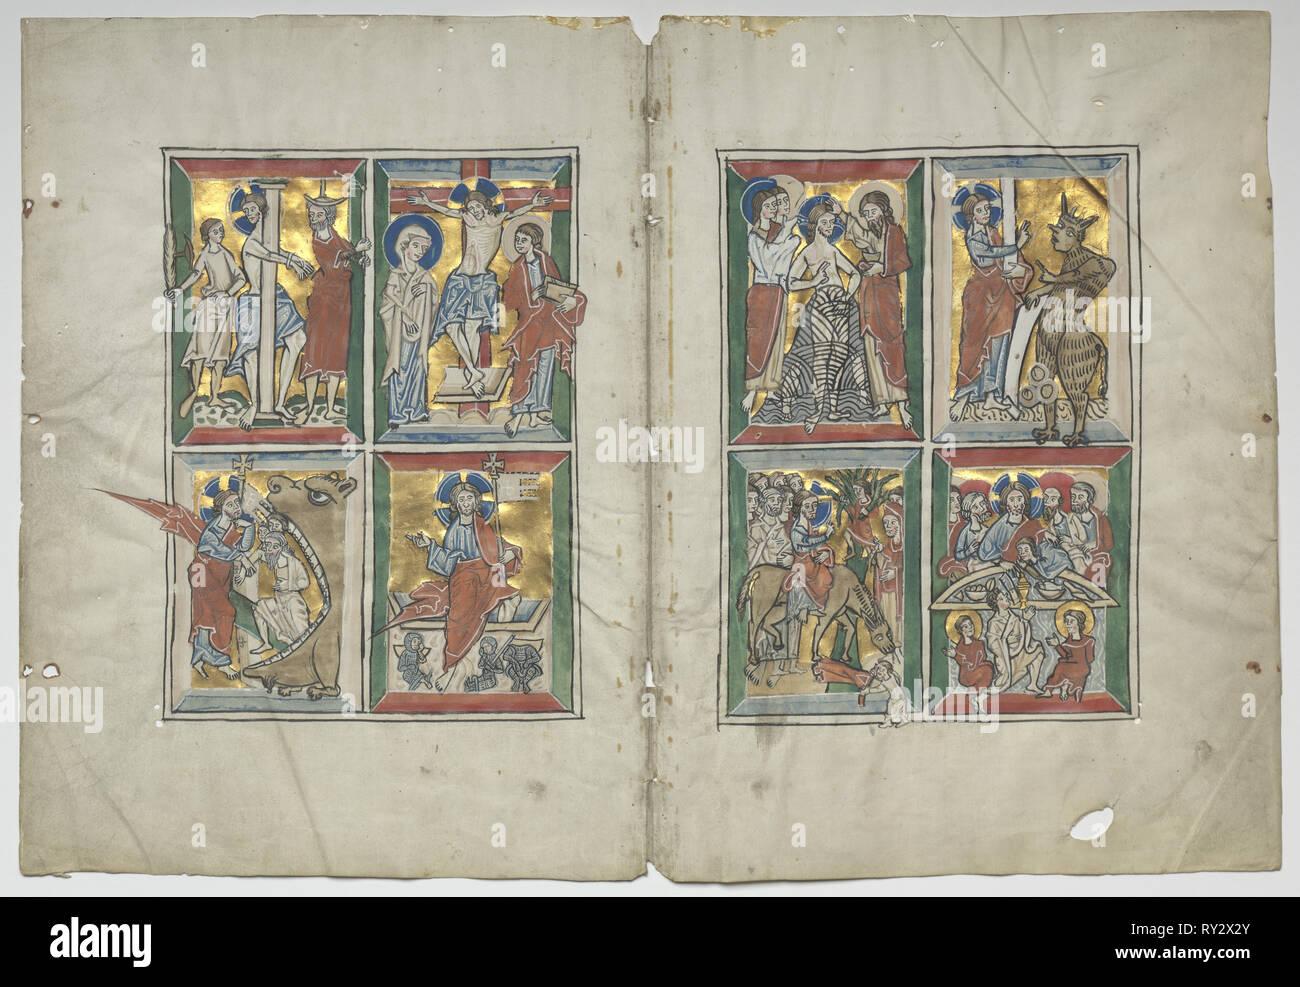 Bifolio con escenas de la vida de Cristo, 1230-1240. Alemania, Baja Sajonia (Diócesis de Hildesheim), Braunschweig(?), del siglo XIII. Témpera y oro en vitela; Hoja: 31 x 22,5 cm (12 3/16 x 8 7/8 in.); enmarcada: 48,3 x 63,5 cm (19 x 25 in.); total: 30,7 x 45,2 cm (12 1/16 x 17 13/16 pulg.); mate: 40,6 x 55,9 cm (16 x 22 Foto de stock